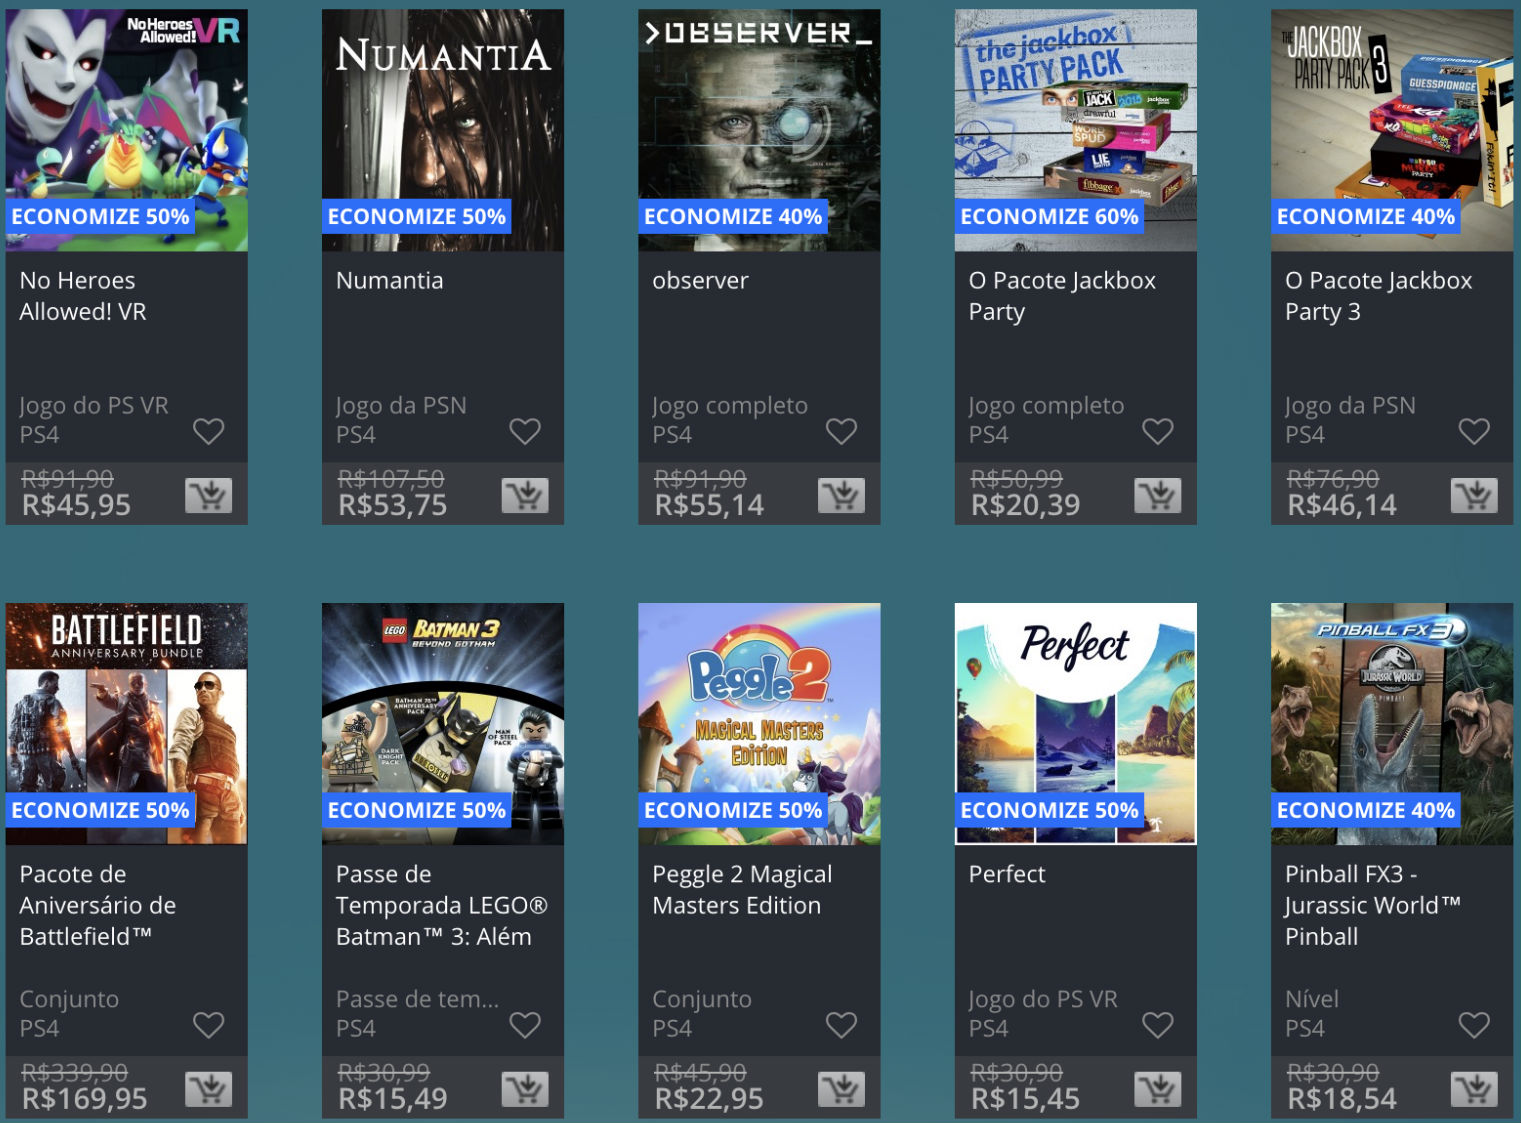 Promoção de Meio do Ano na PS Store com mais de 600 itens com preços que variam de R$ 10 a R$ 200 18